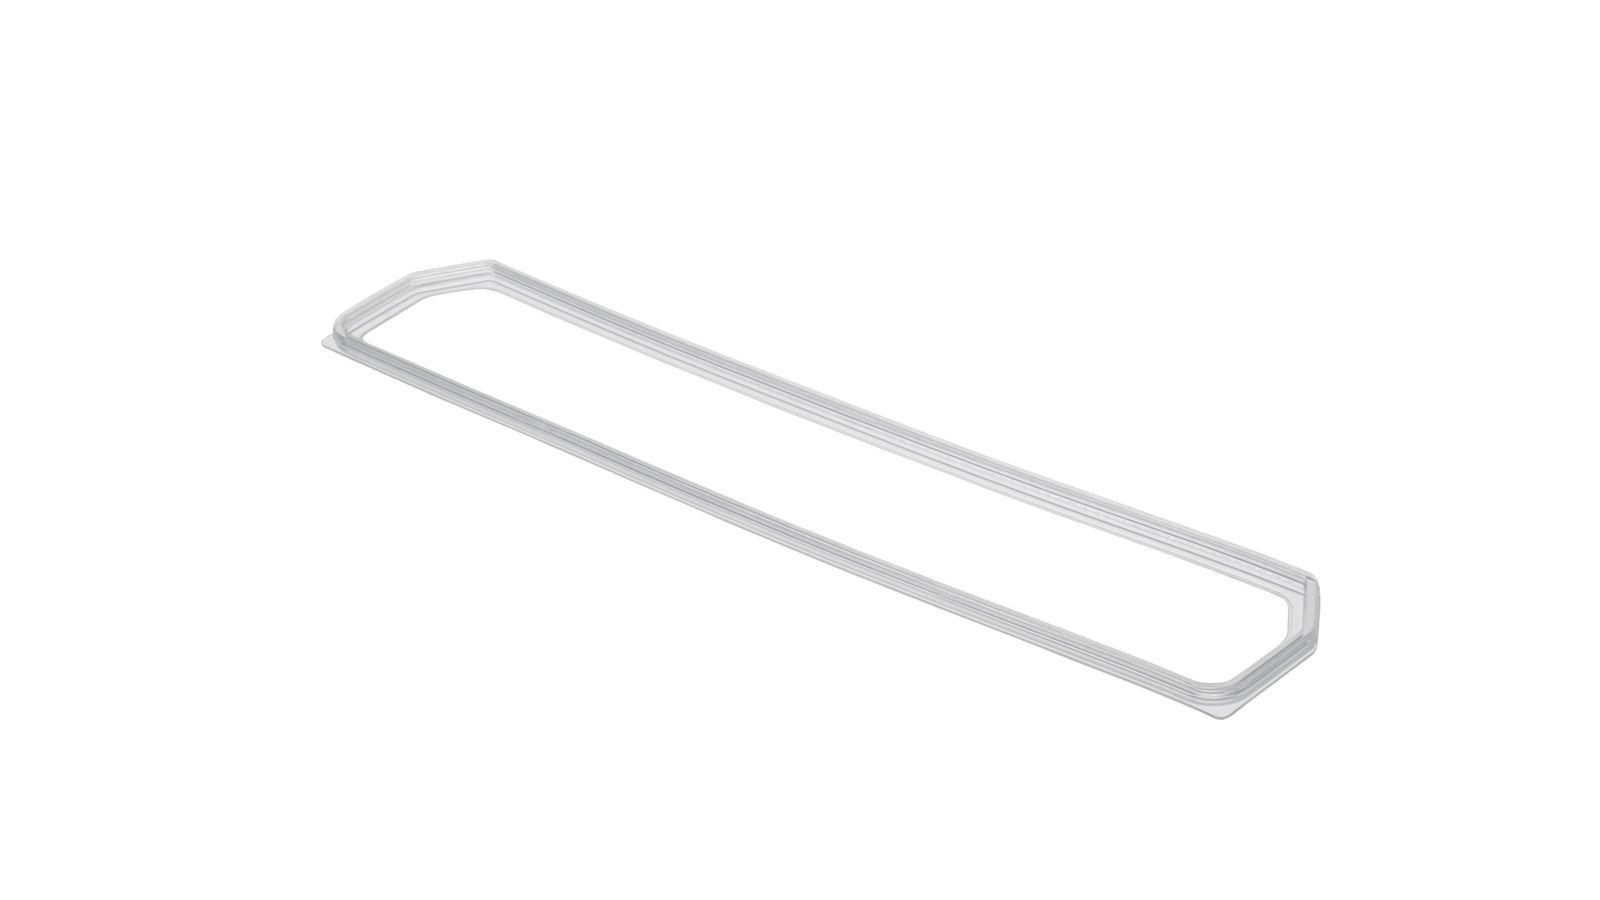 Těsnění filtru sušičky do sušičky Bosch / Siemens - 00656885 BSH